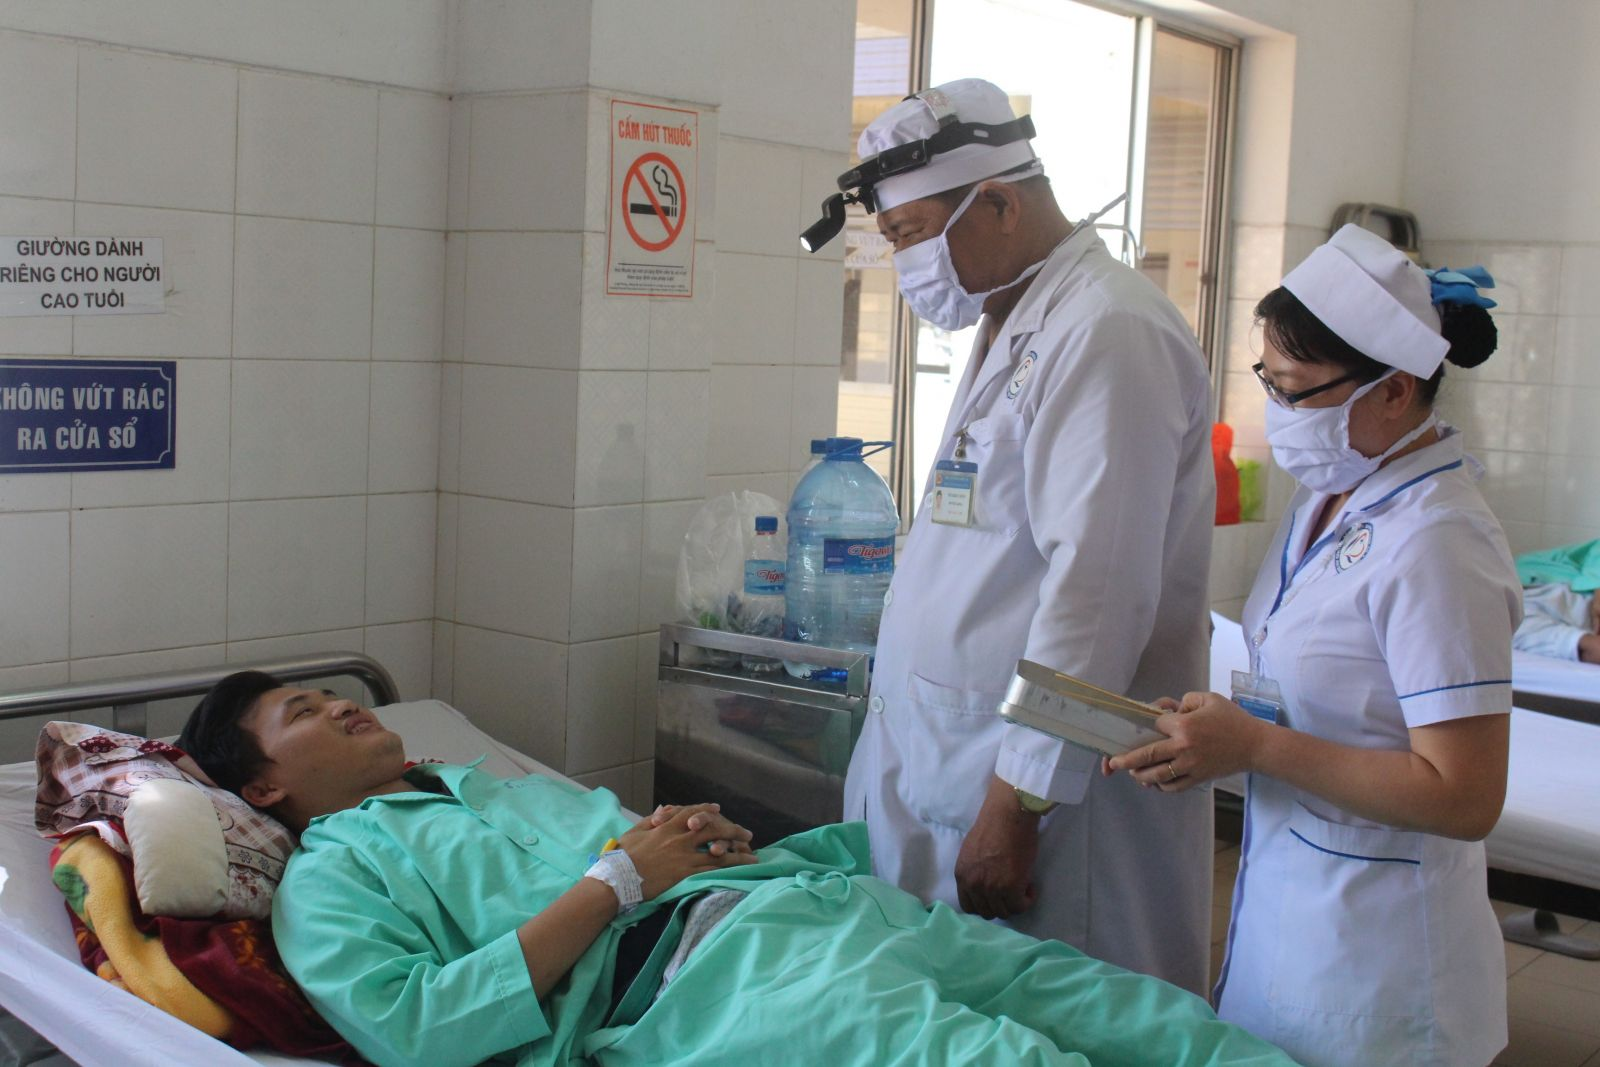 Bệnh viện tuyến trên hỗ trợ kỹ thuật và đào tạo nguồn nhân lực cho bác sĩ tỉnh Long An